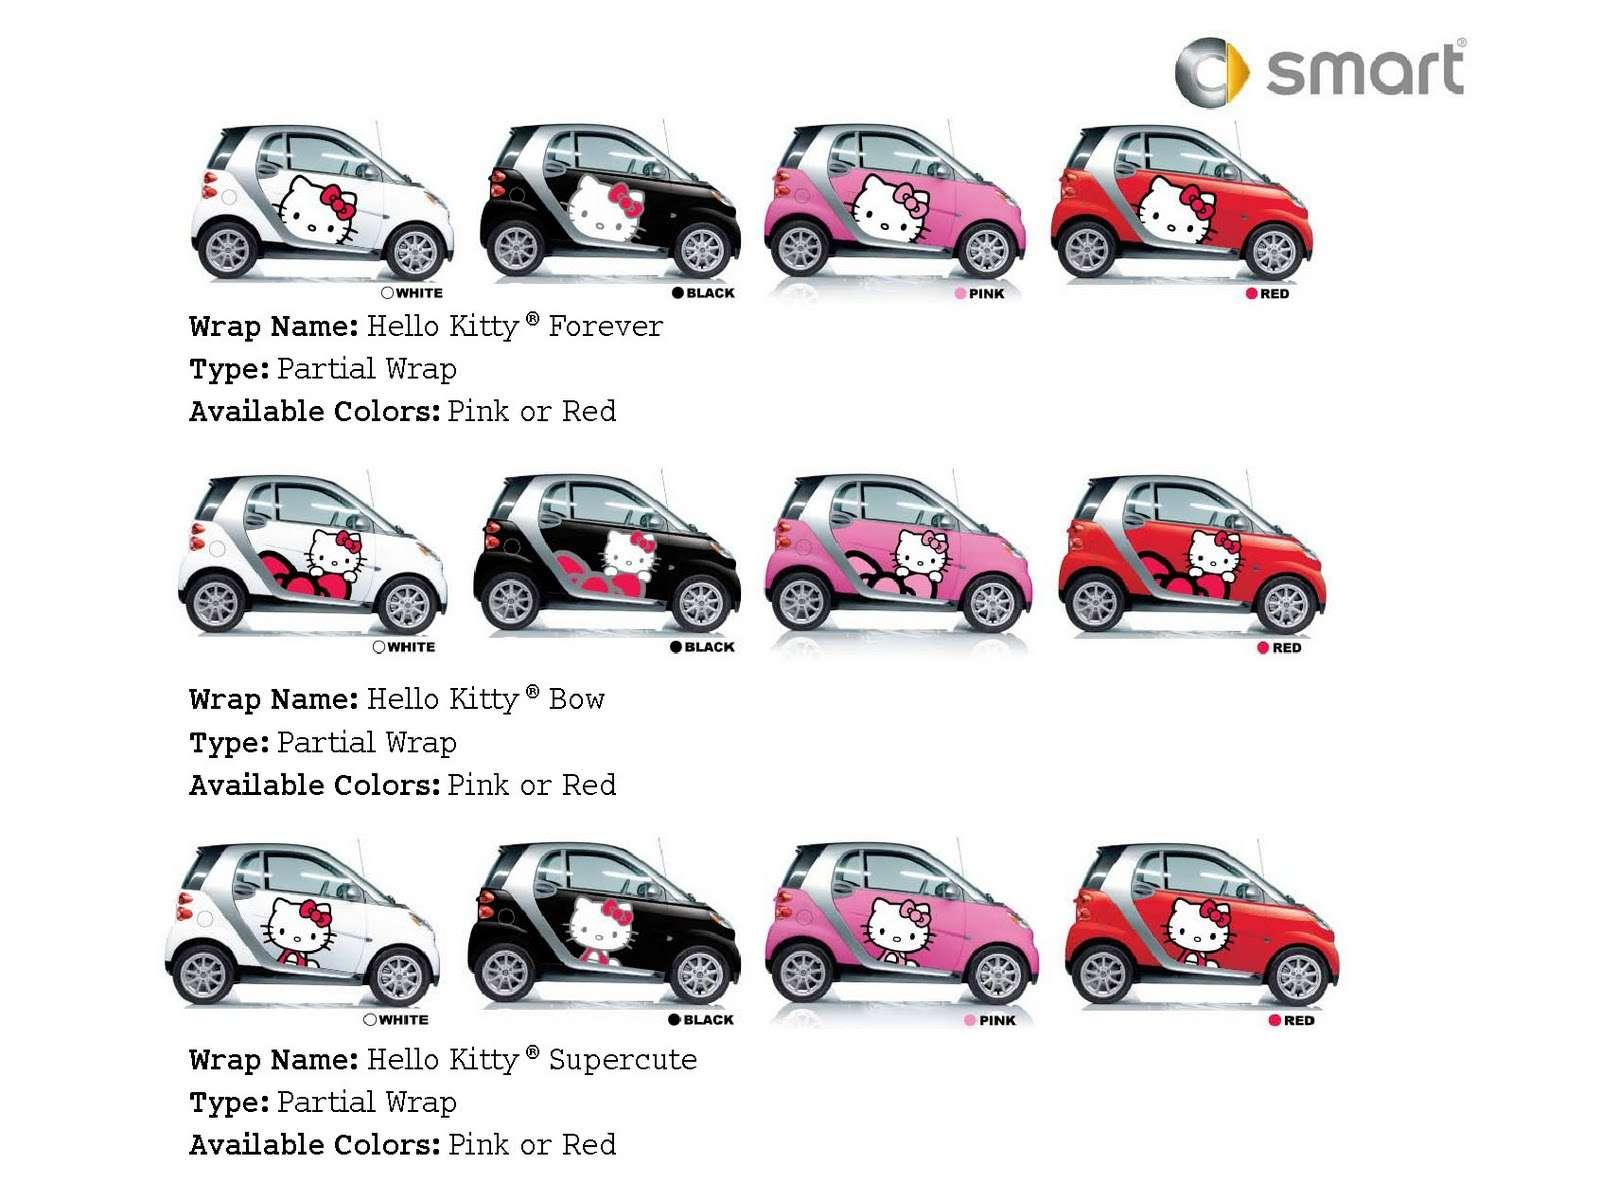 Hello Kitty Smart Fortwo pazdziernik 2010